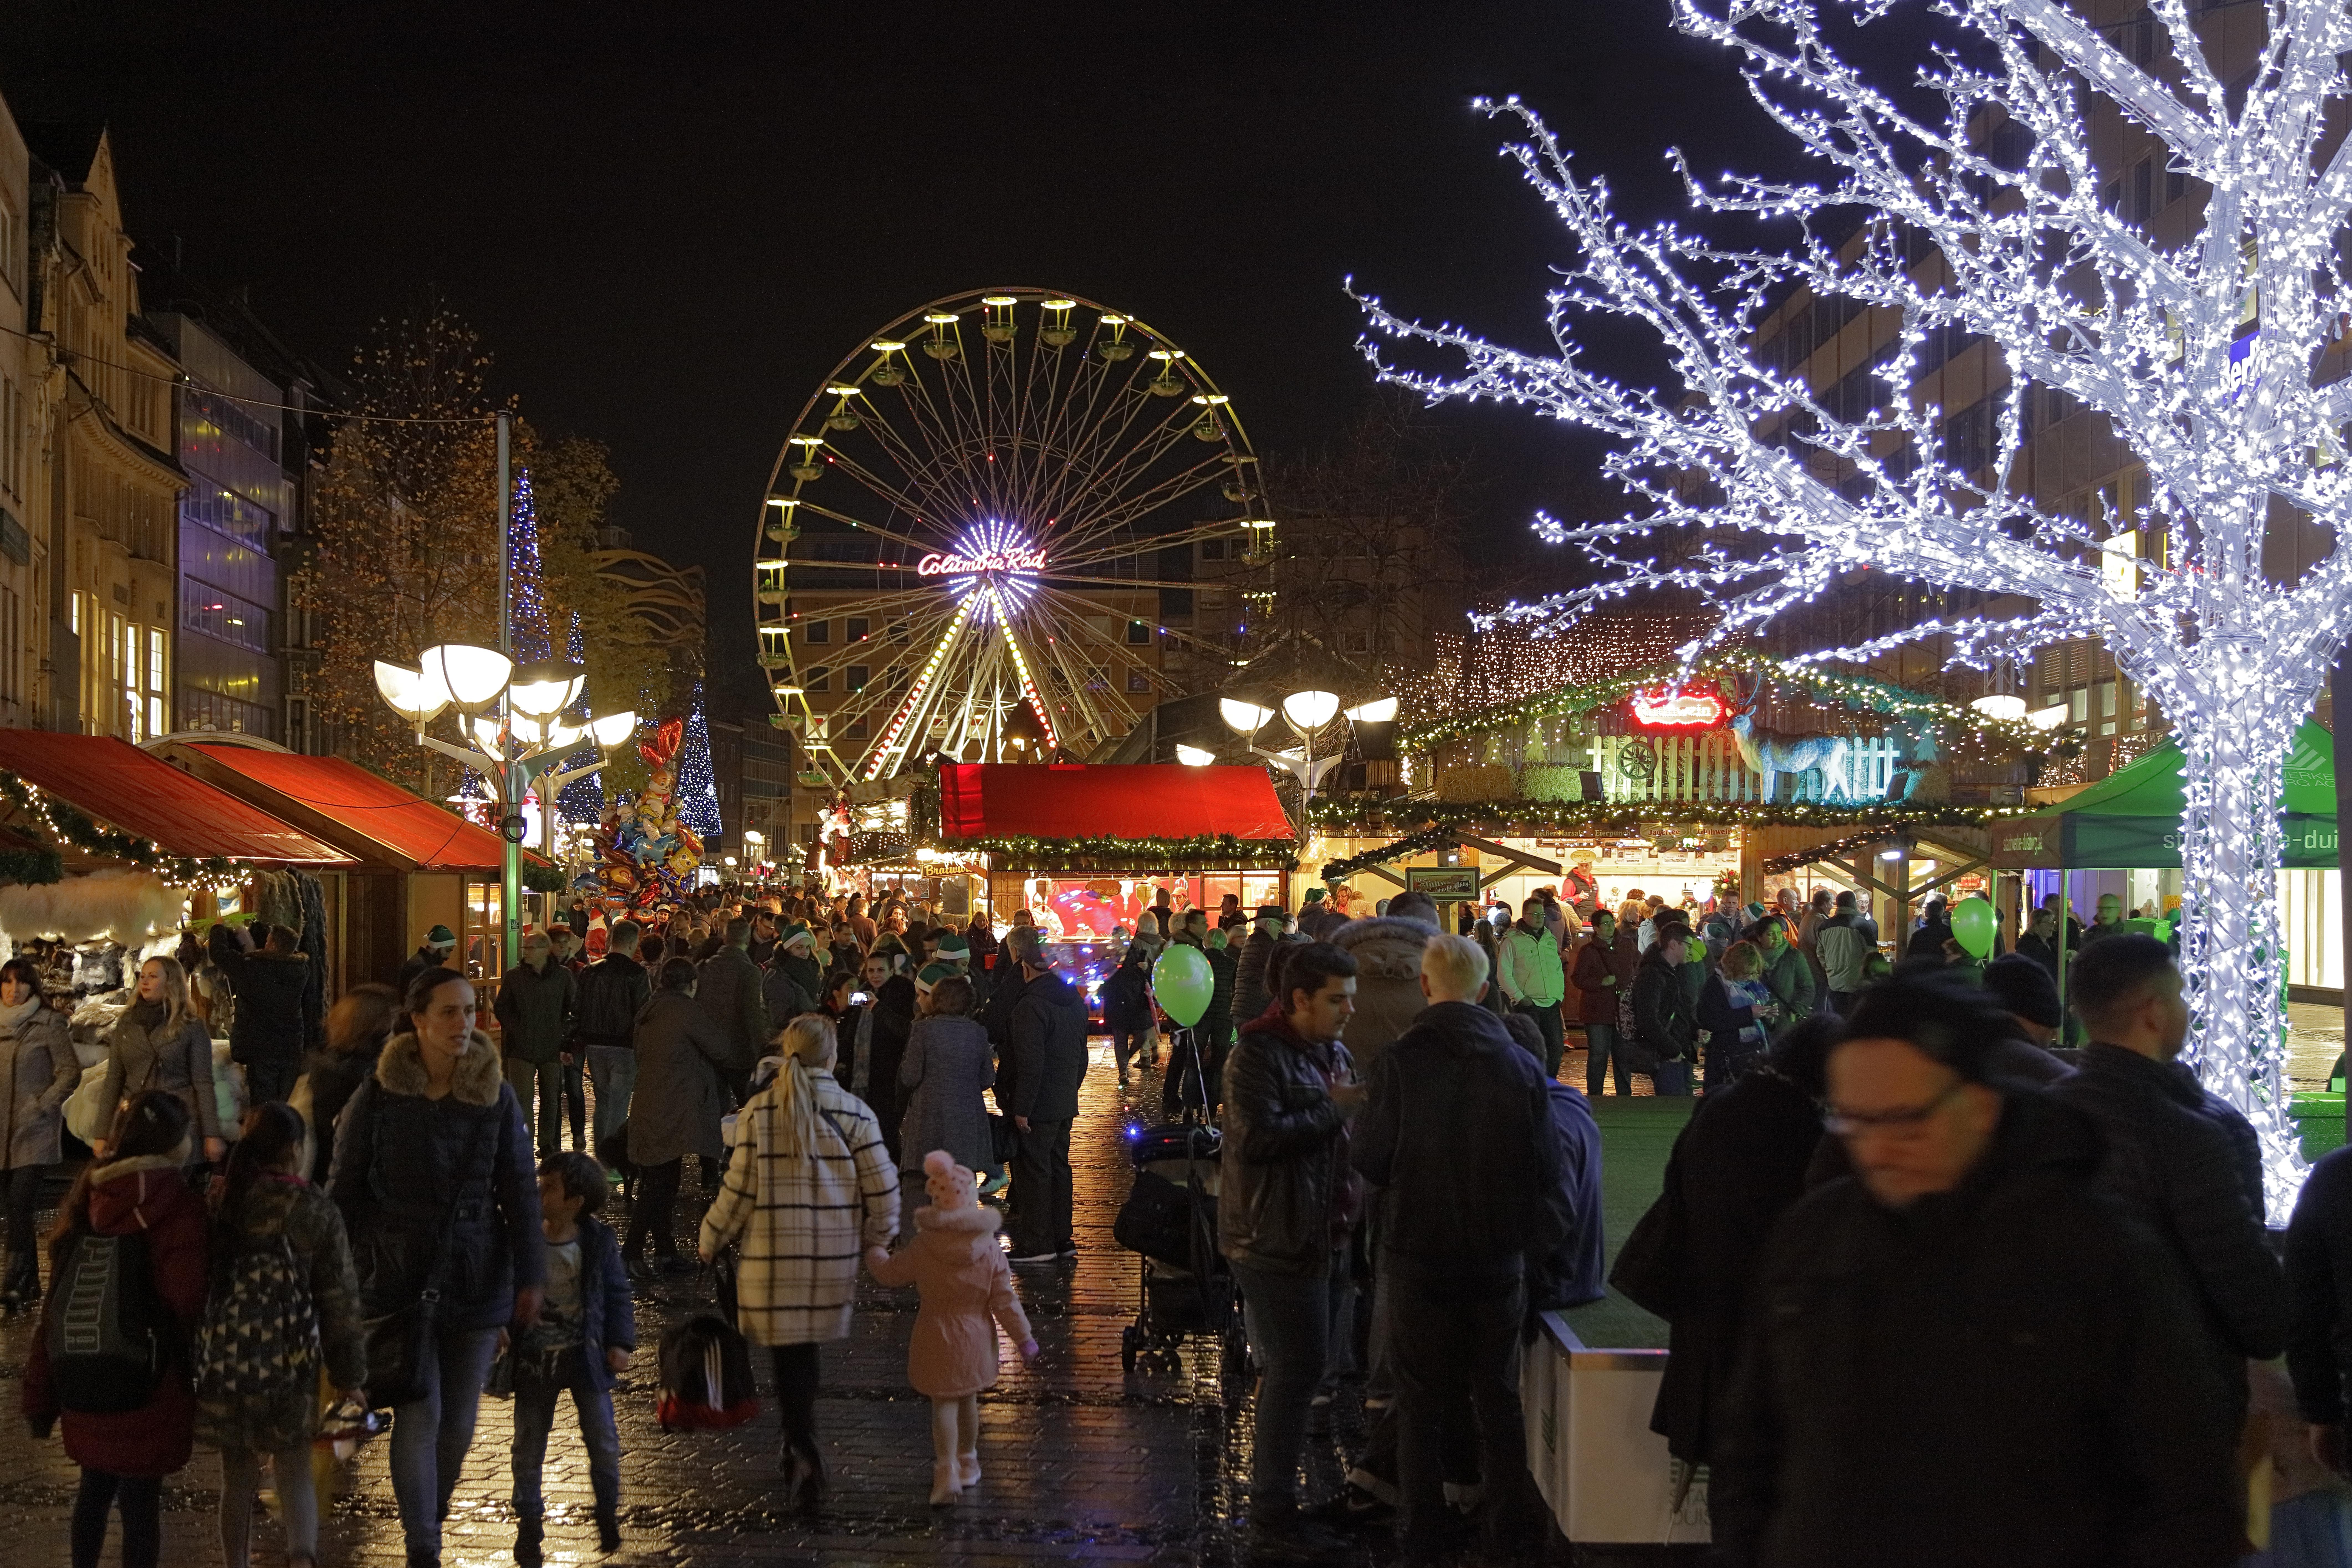 Weihnachtsmarkt Duisburger Weihnachtsmarkt